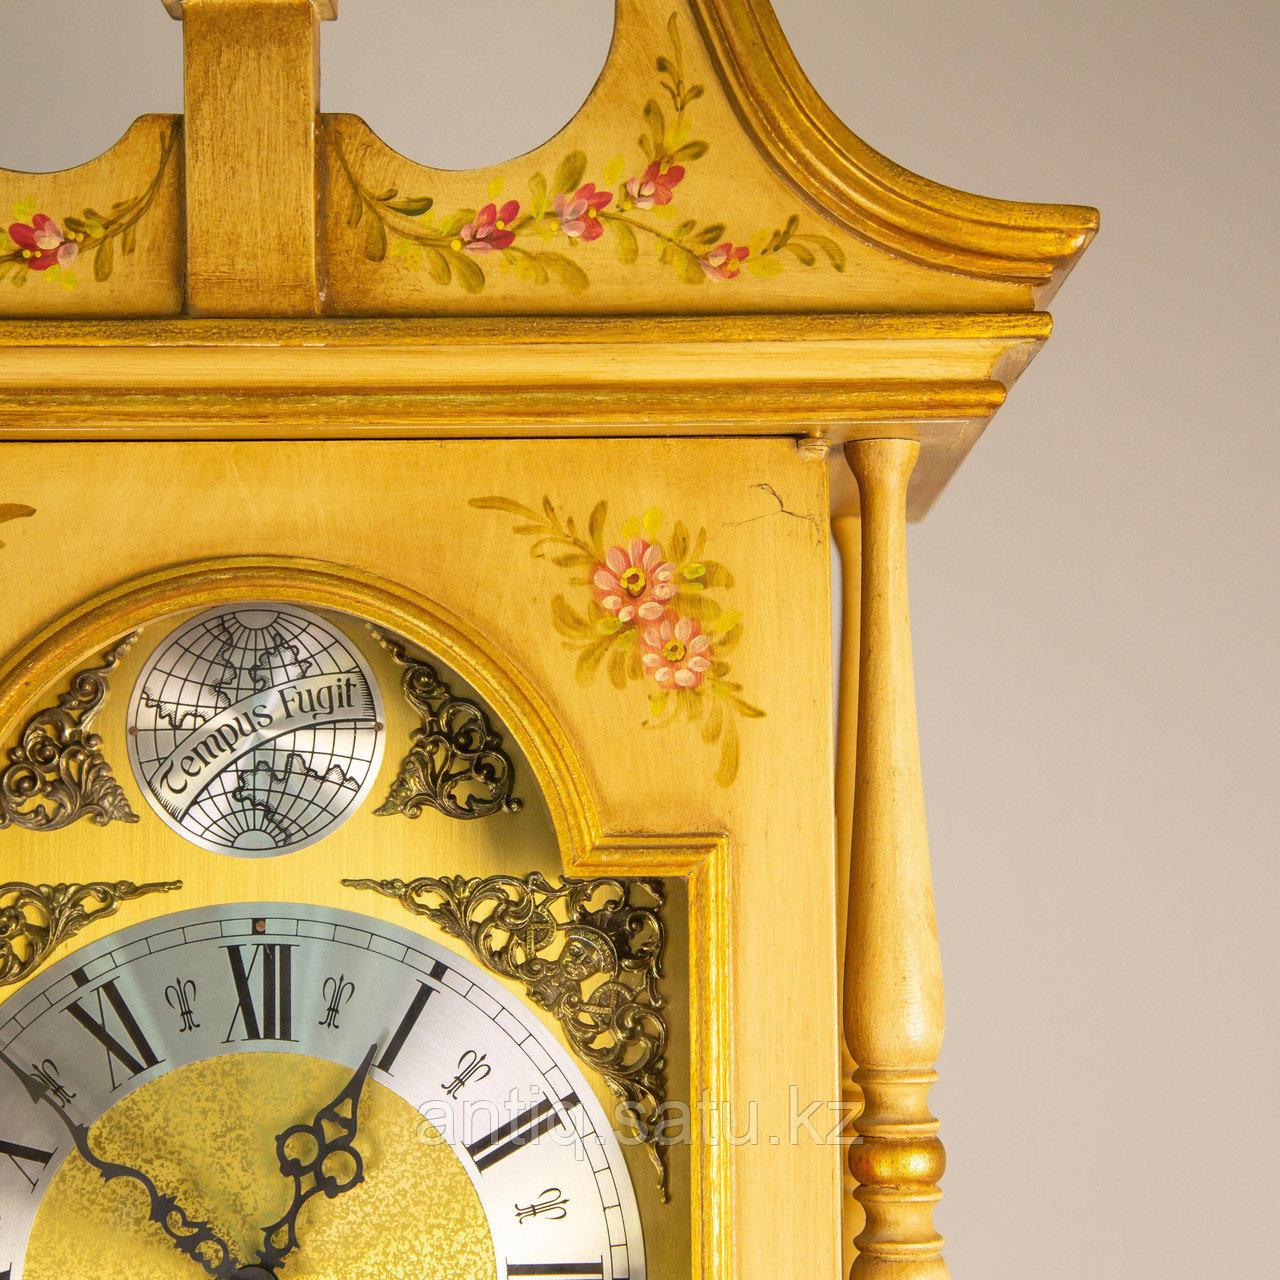 Напольные часы. Часовая мастерская Romanet Fabrik - фото 6